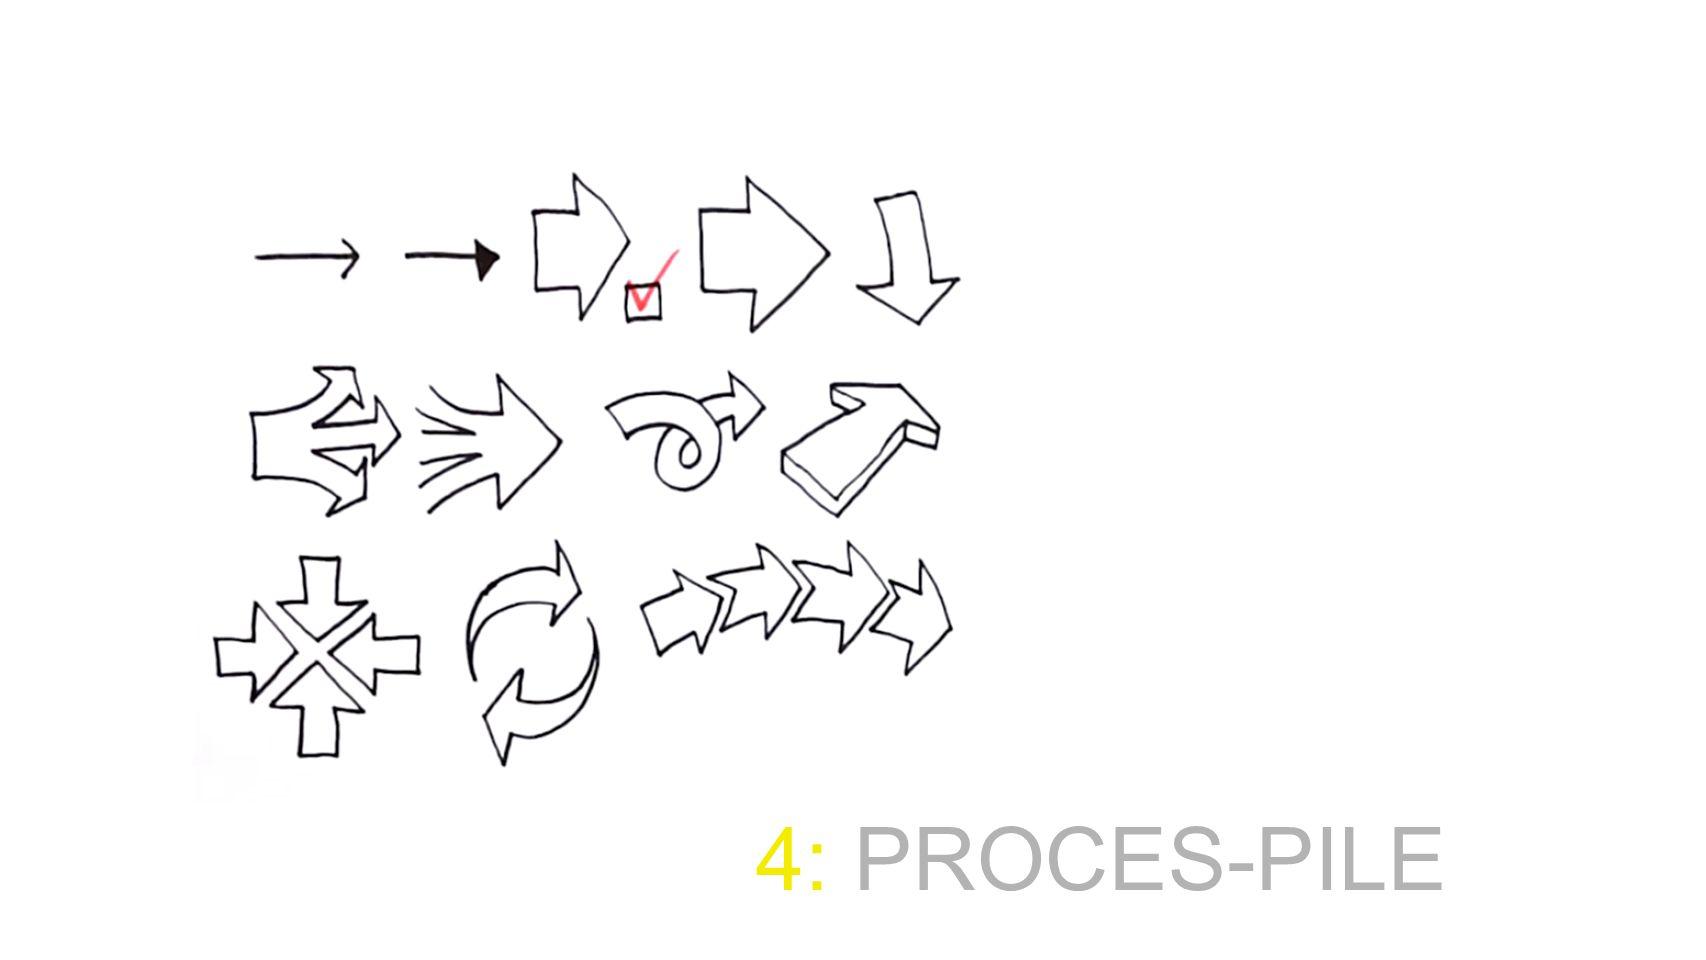 4: PROCES-PILE